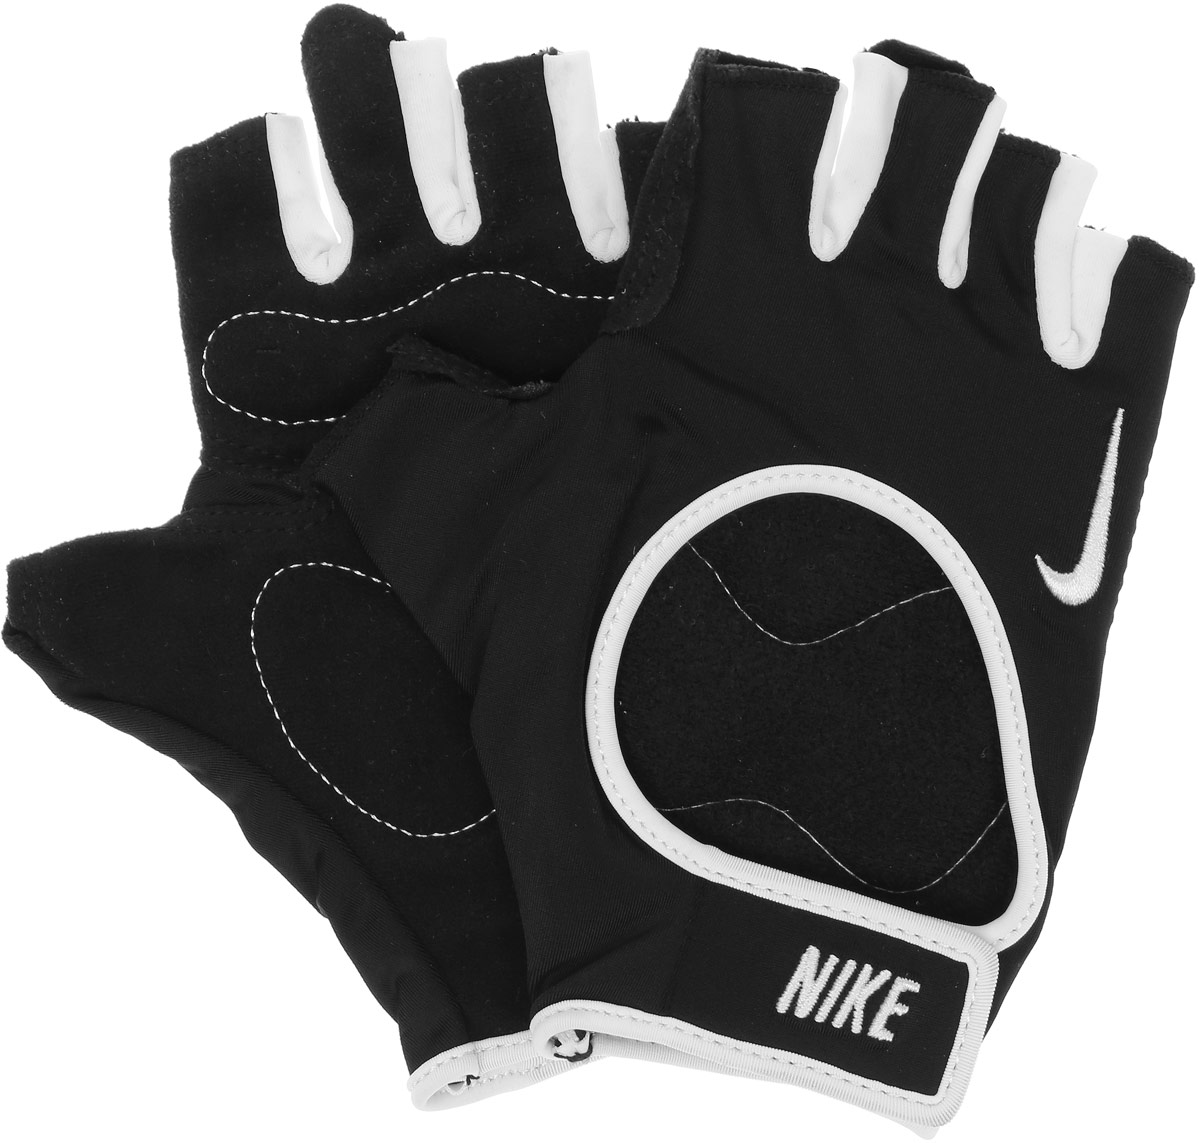 Перчатки для фитнеса женские Nike, цвет: черный, белый. Размер S